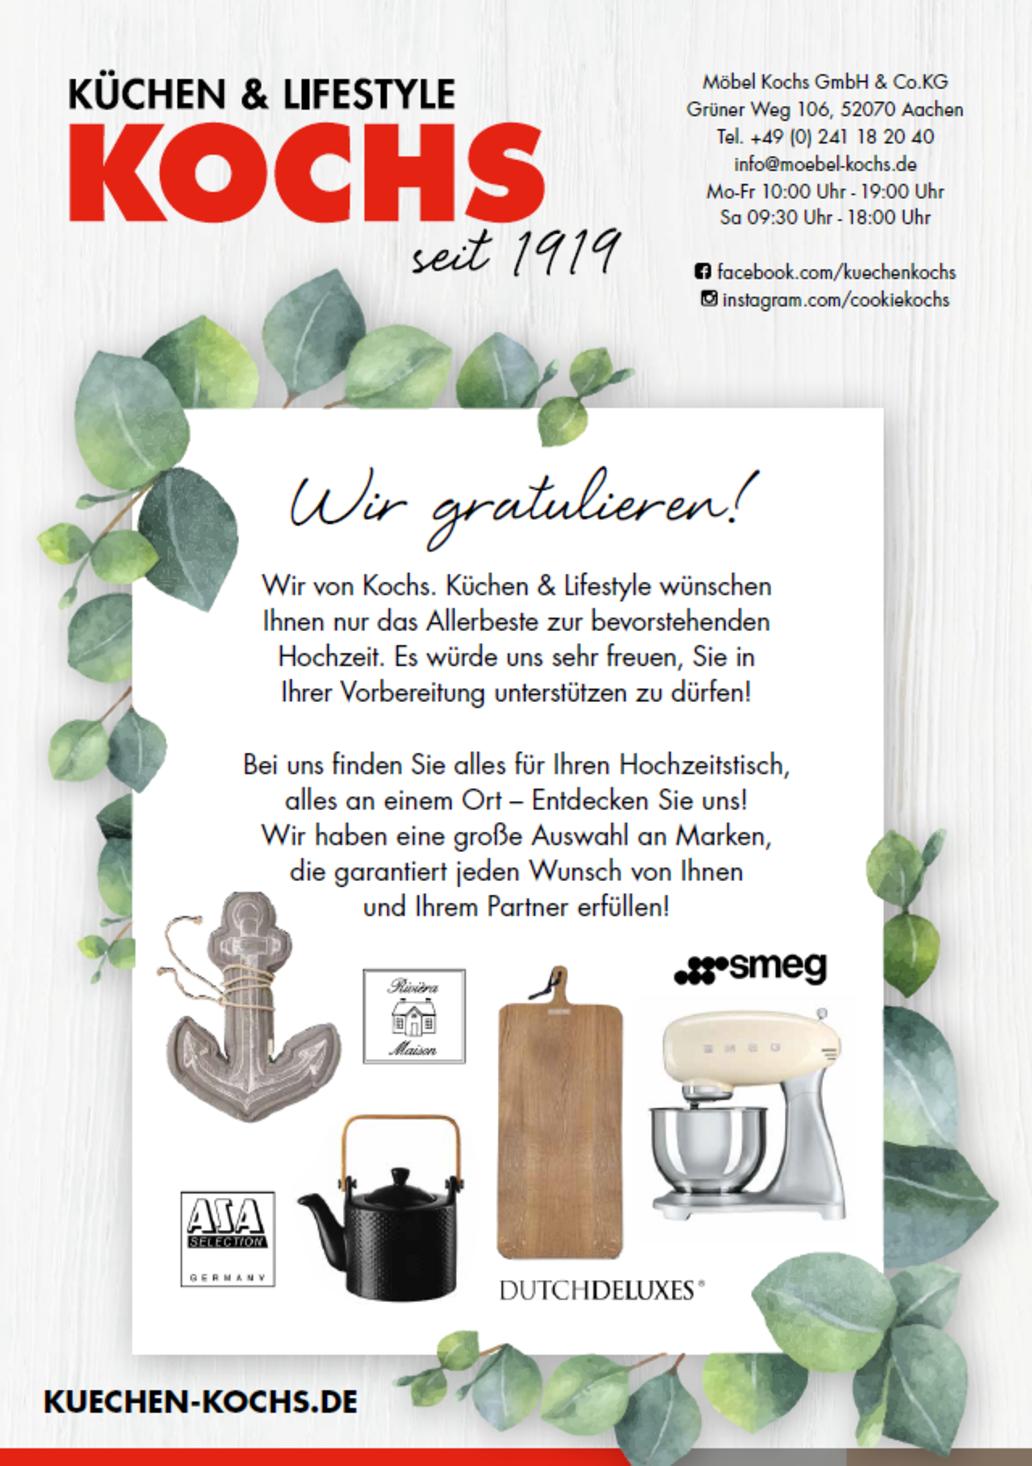 Geschenke Bad Aachen Stadtmagazin